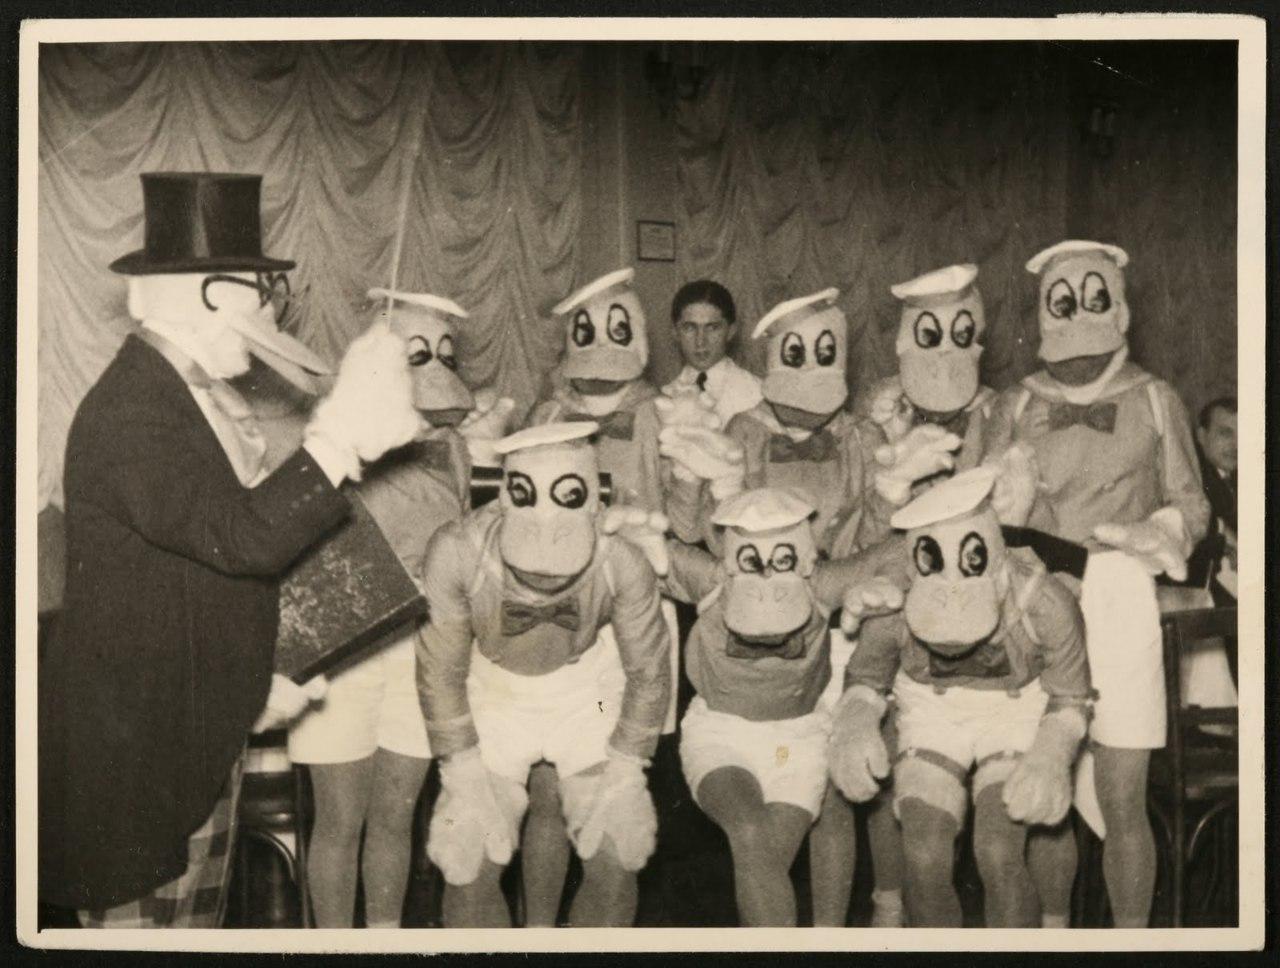 Funny Vintage Images 86